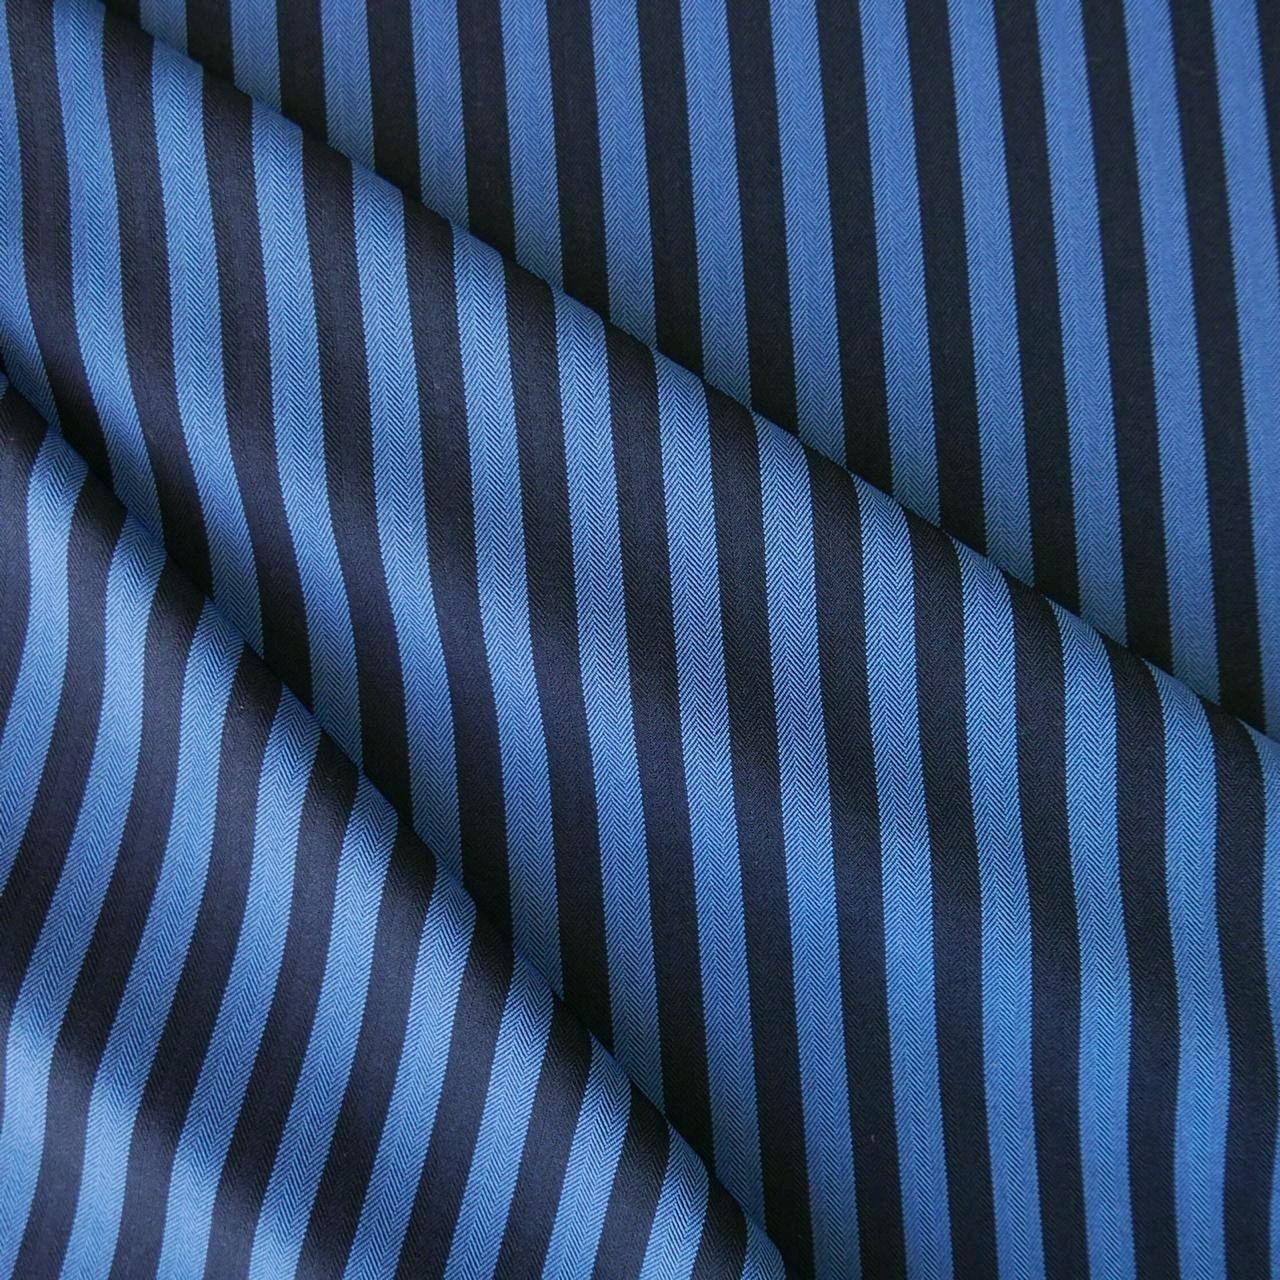 Ткань костюмная в полоску, Ткани, Москва,  Фото №1